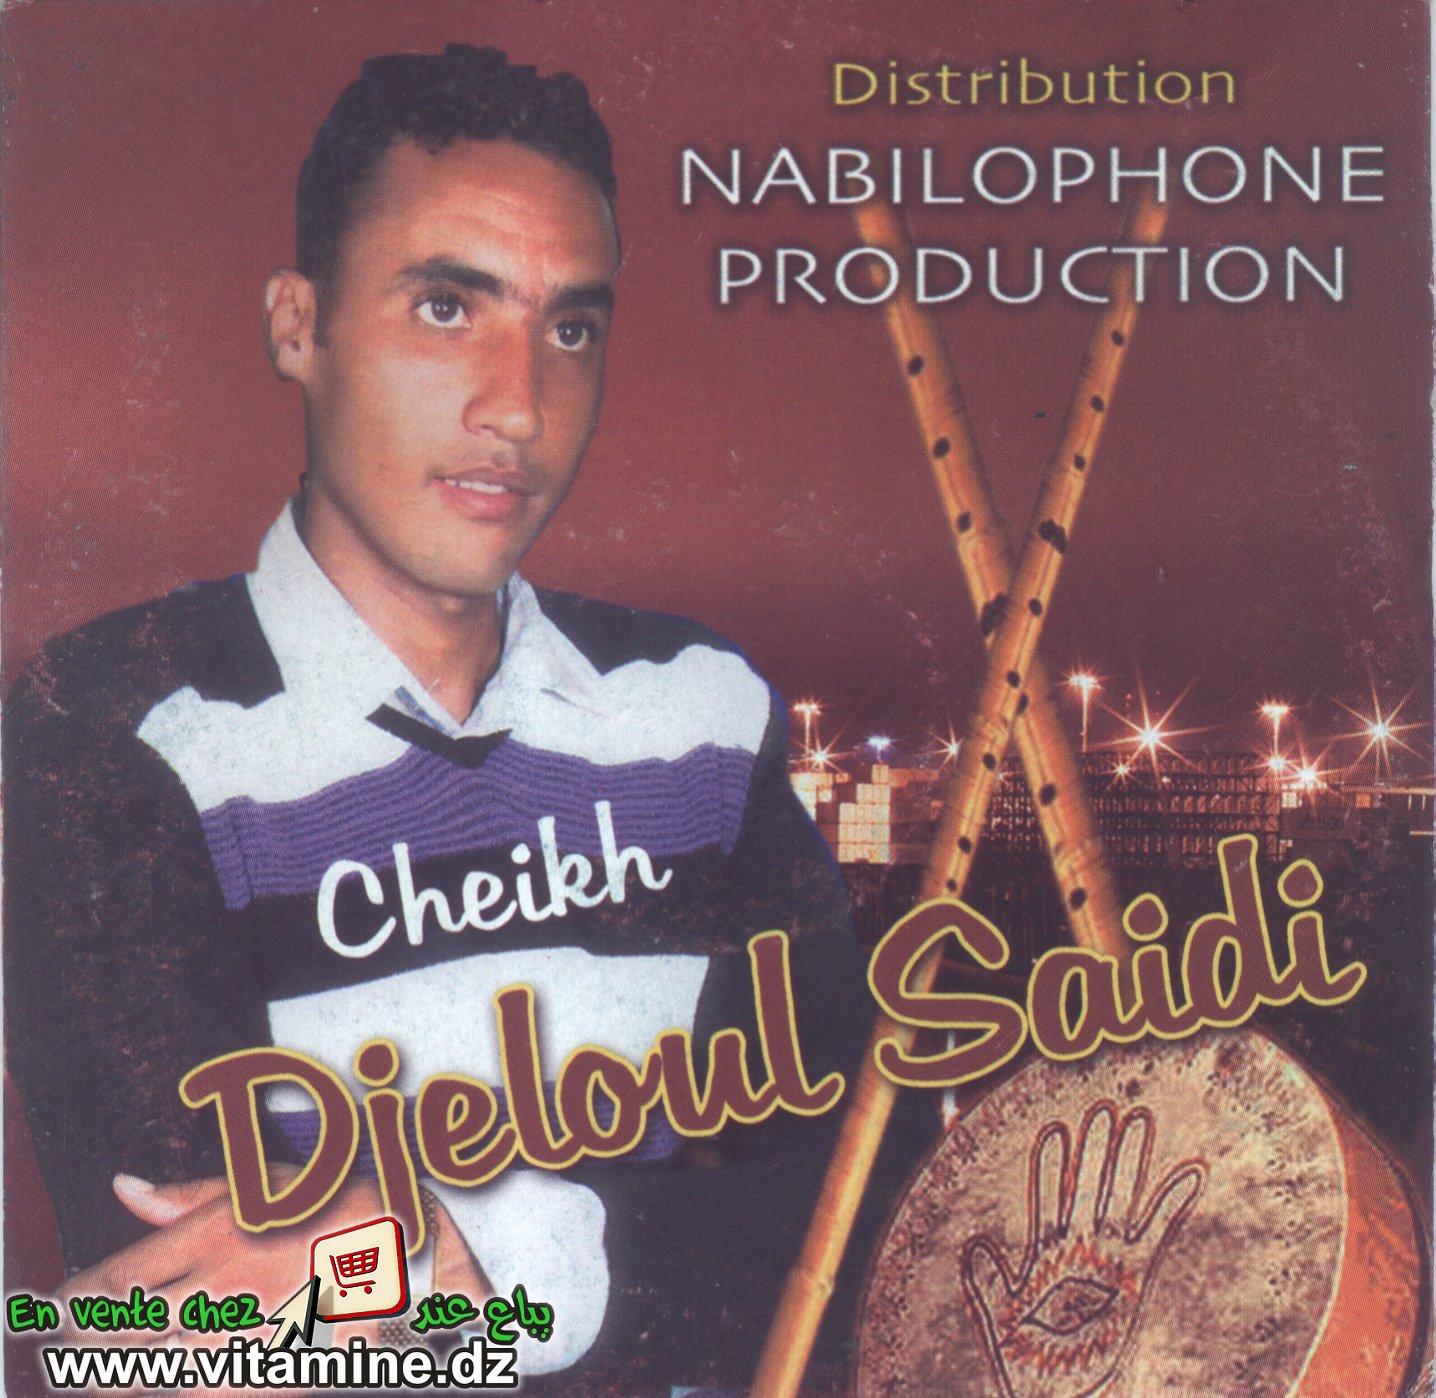 Cheikh djeloul saidi - compilation